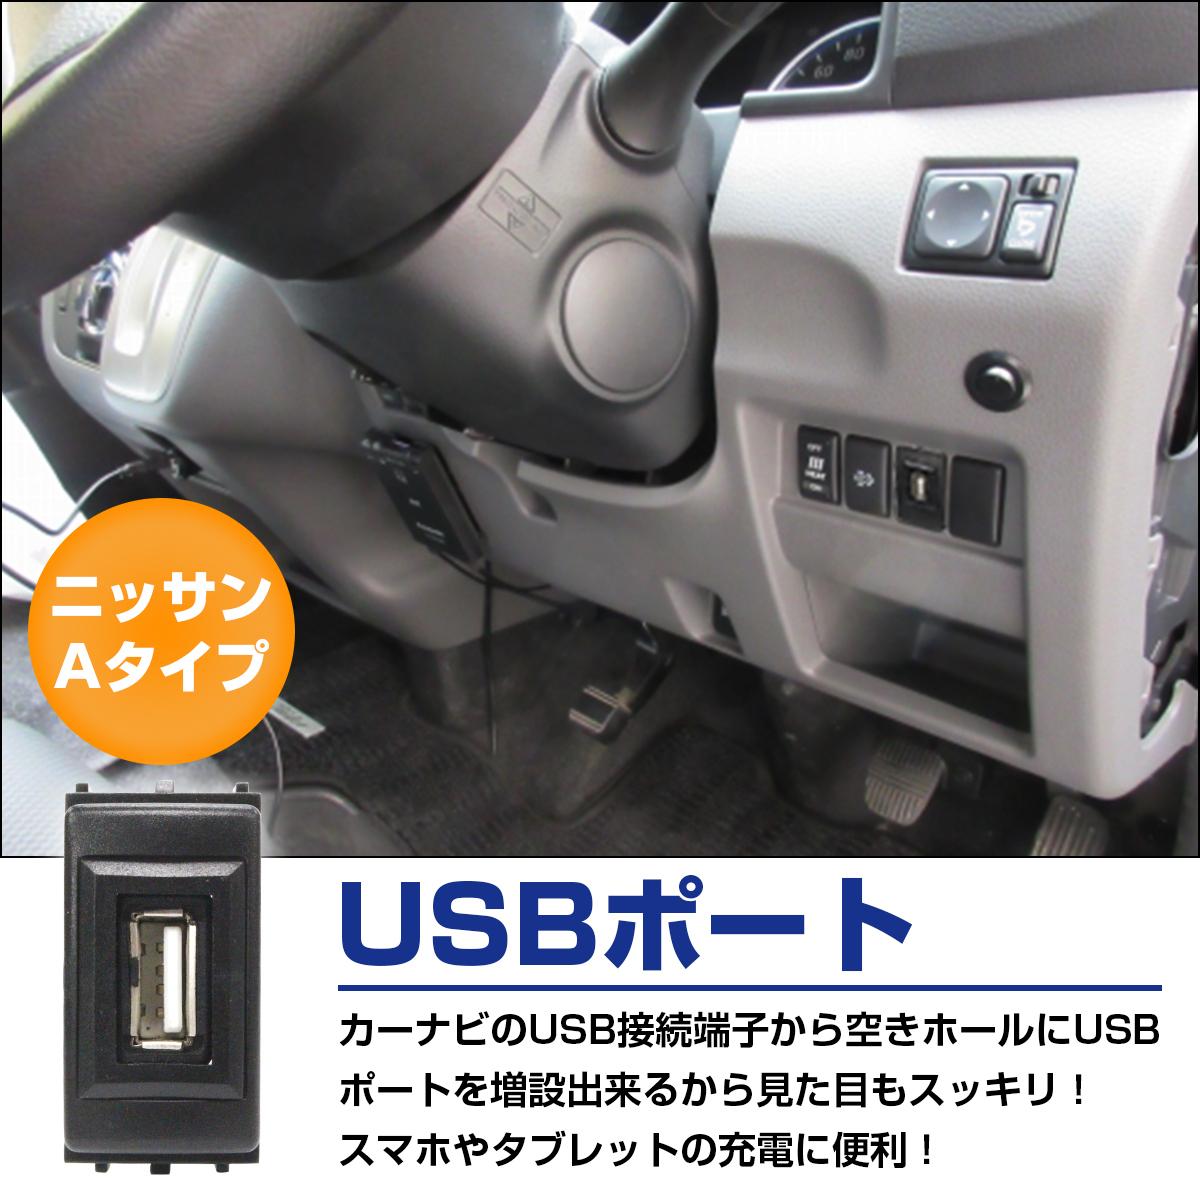 【ニッサンAタイプ】 セレナ C25 H17.5~H22.11 純正風♪ USB接続通信パネル 配線付 USB1ポート 埋め込み 増設USBケーブル 2.1A 12V_swhl-b-003-bk-01-a